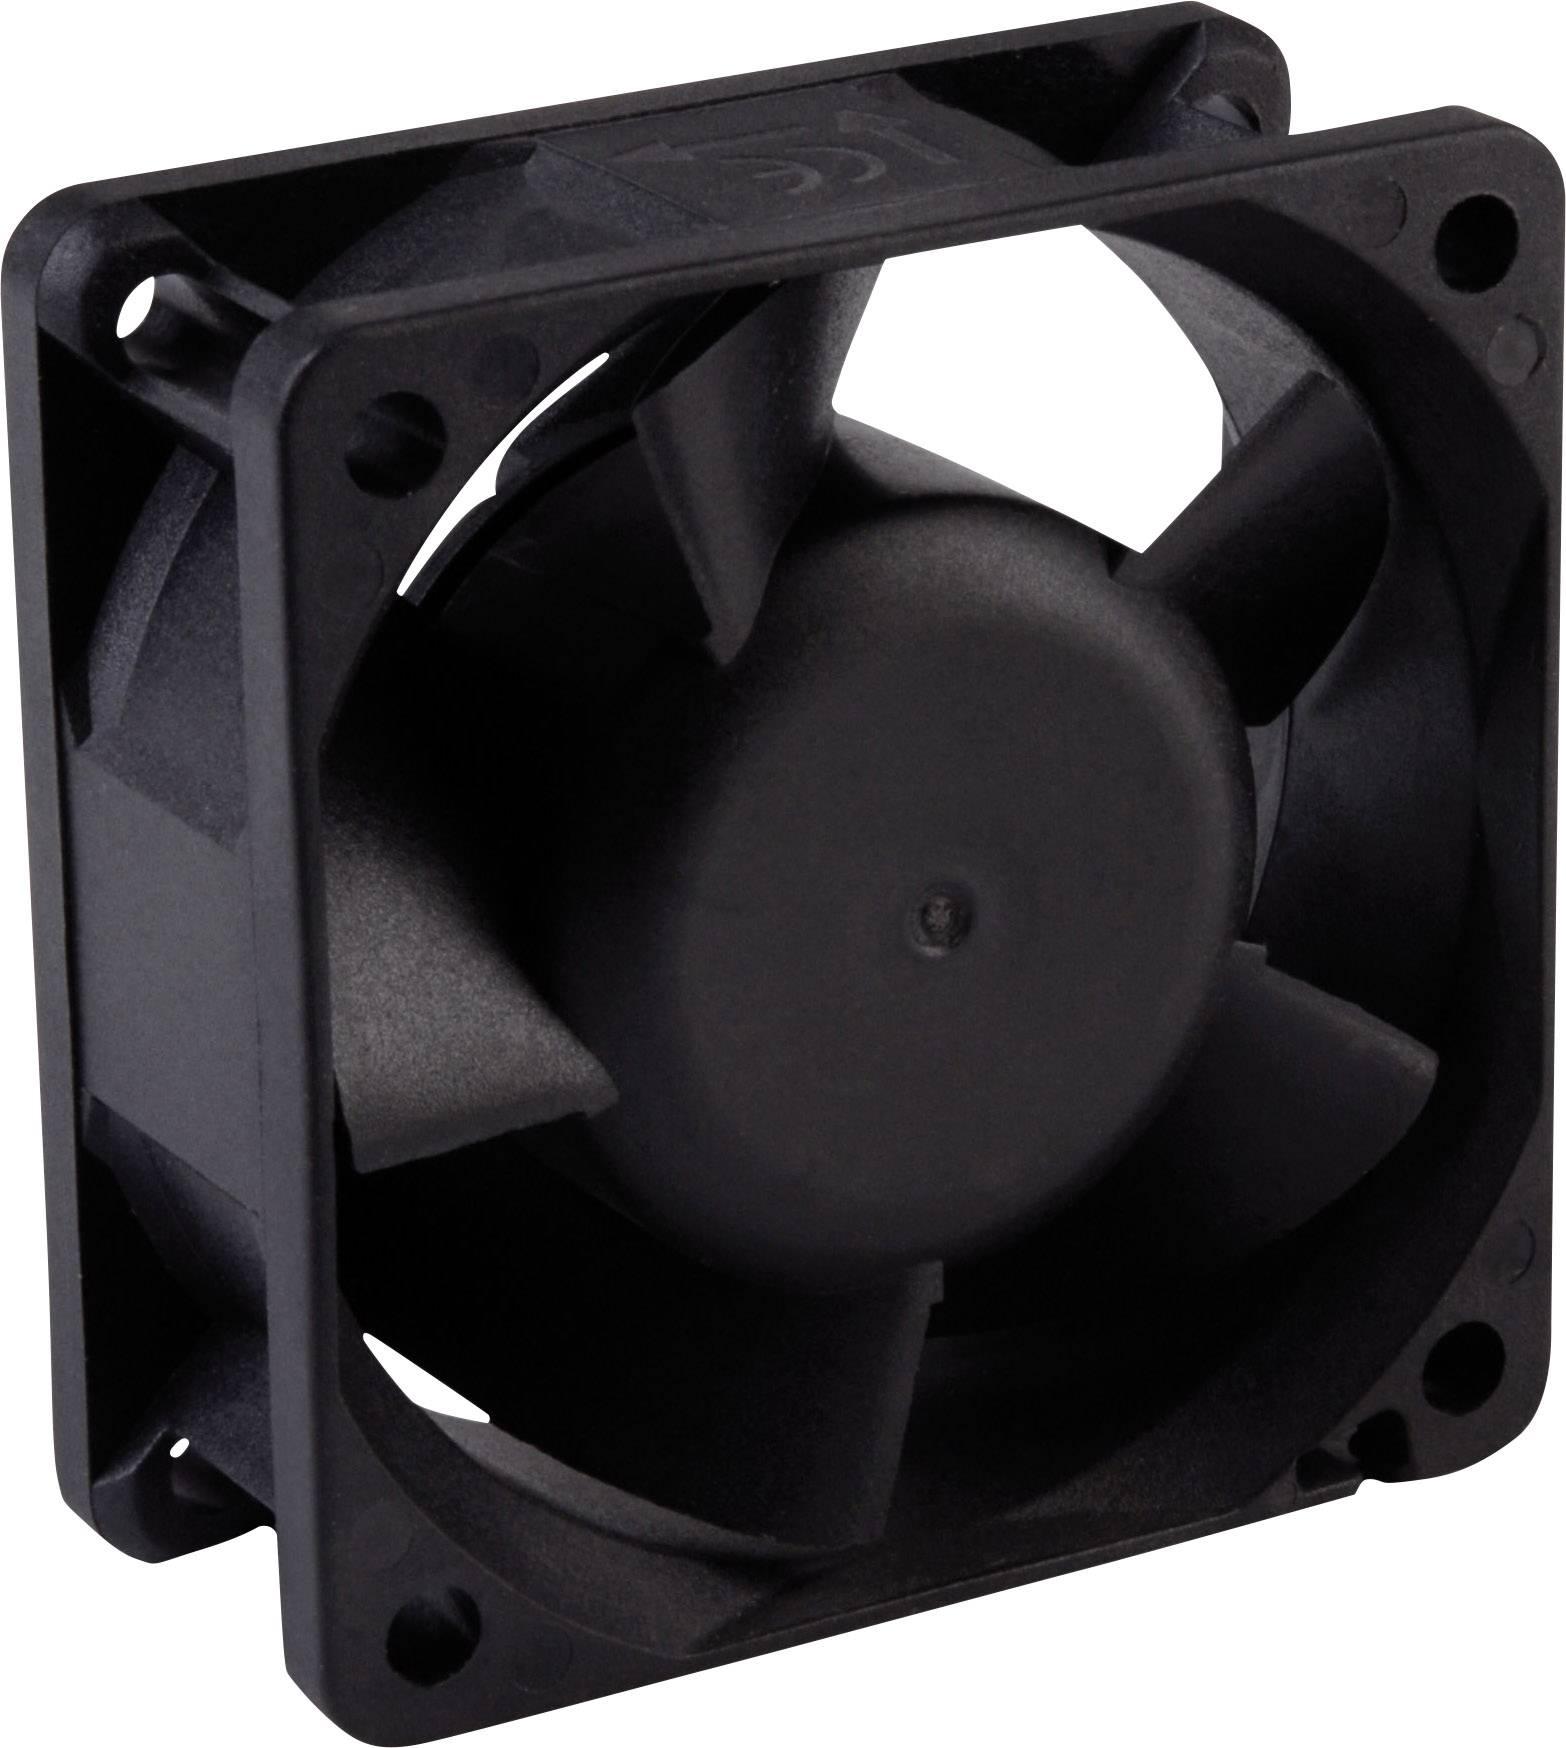 Axiální ventilátor Wallair 20100304, 12 V, 60 x 60 x 25 mm